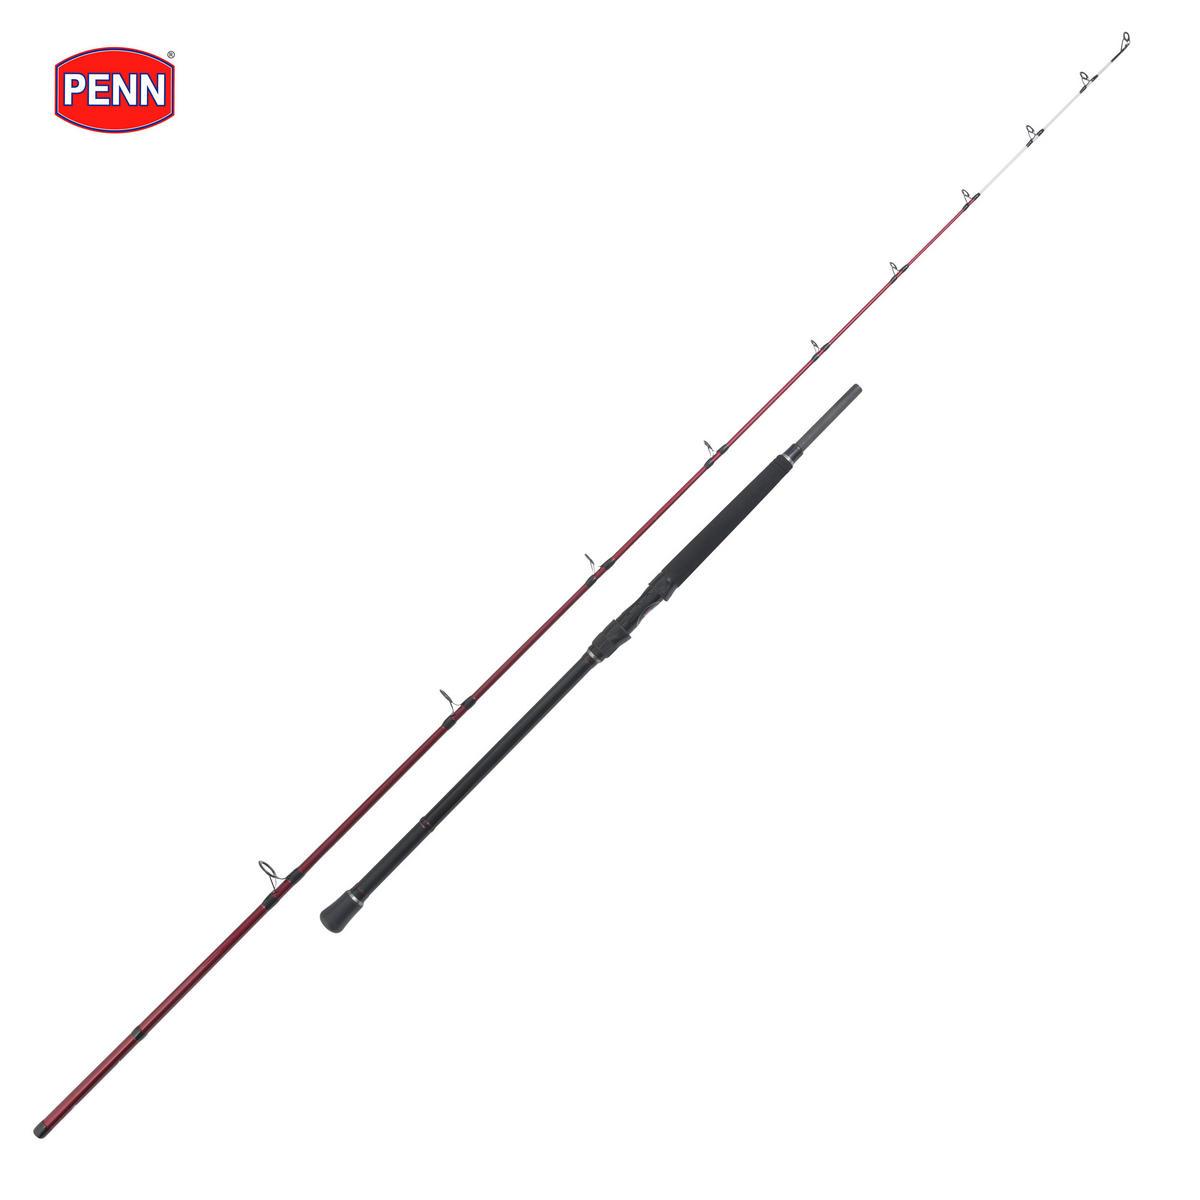 New PENN Rampage II Mk2 Uptide Fishing Rod 10ft 2pc 70-300g 1374161